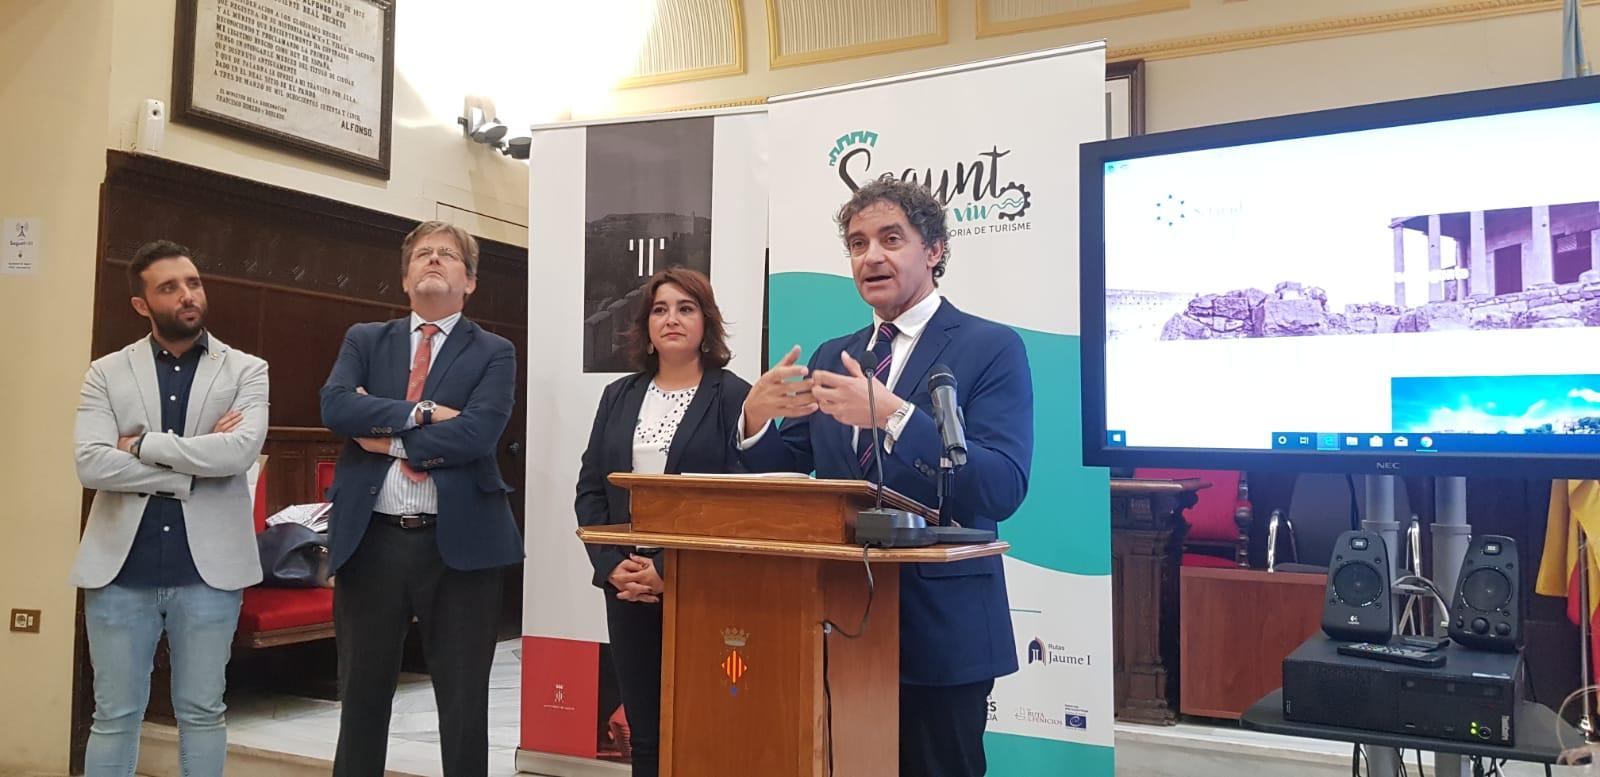 """Colomer apuesta por """"potenciar nuevos productos turísticos basados en el patrimonio histórico y cultural que muestran la singularidad de la Comunitat"""""""